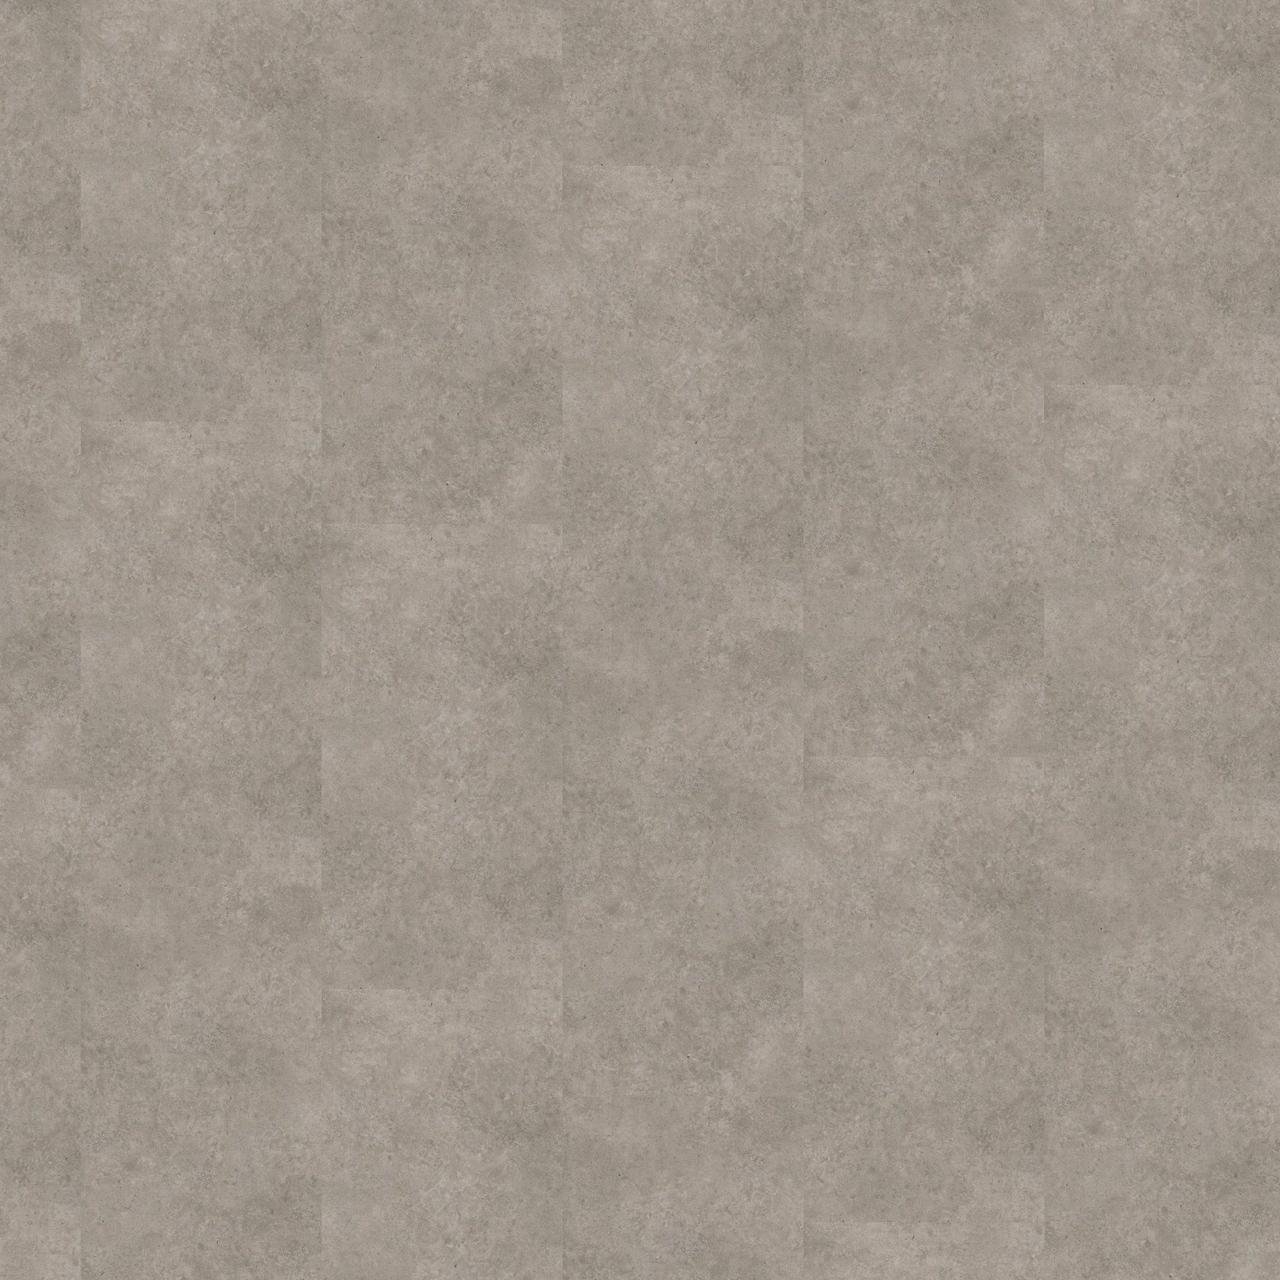 Вінілові покриття Wineo Calm Concrete